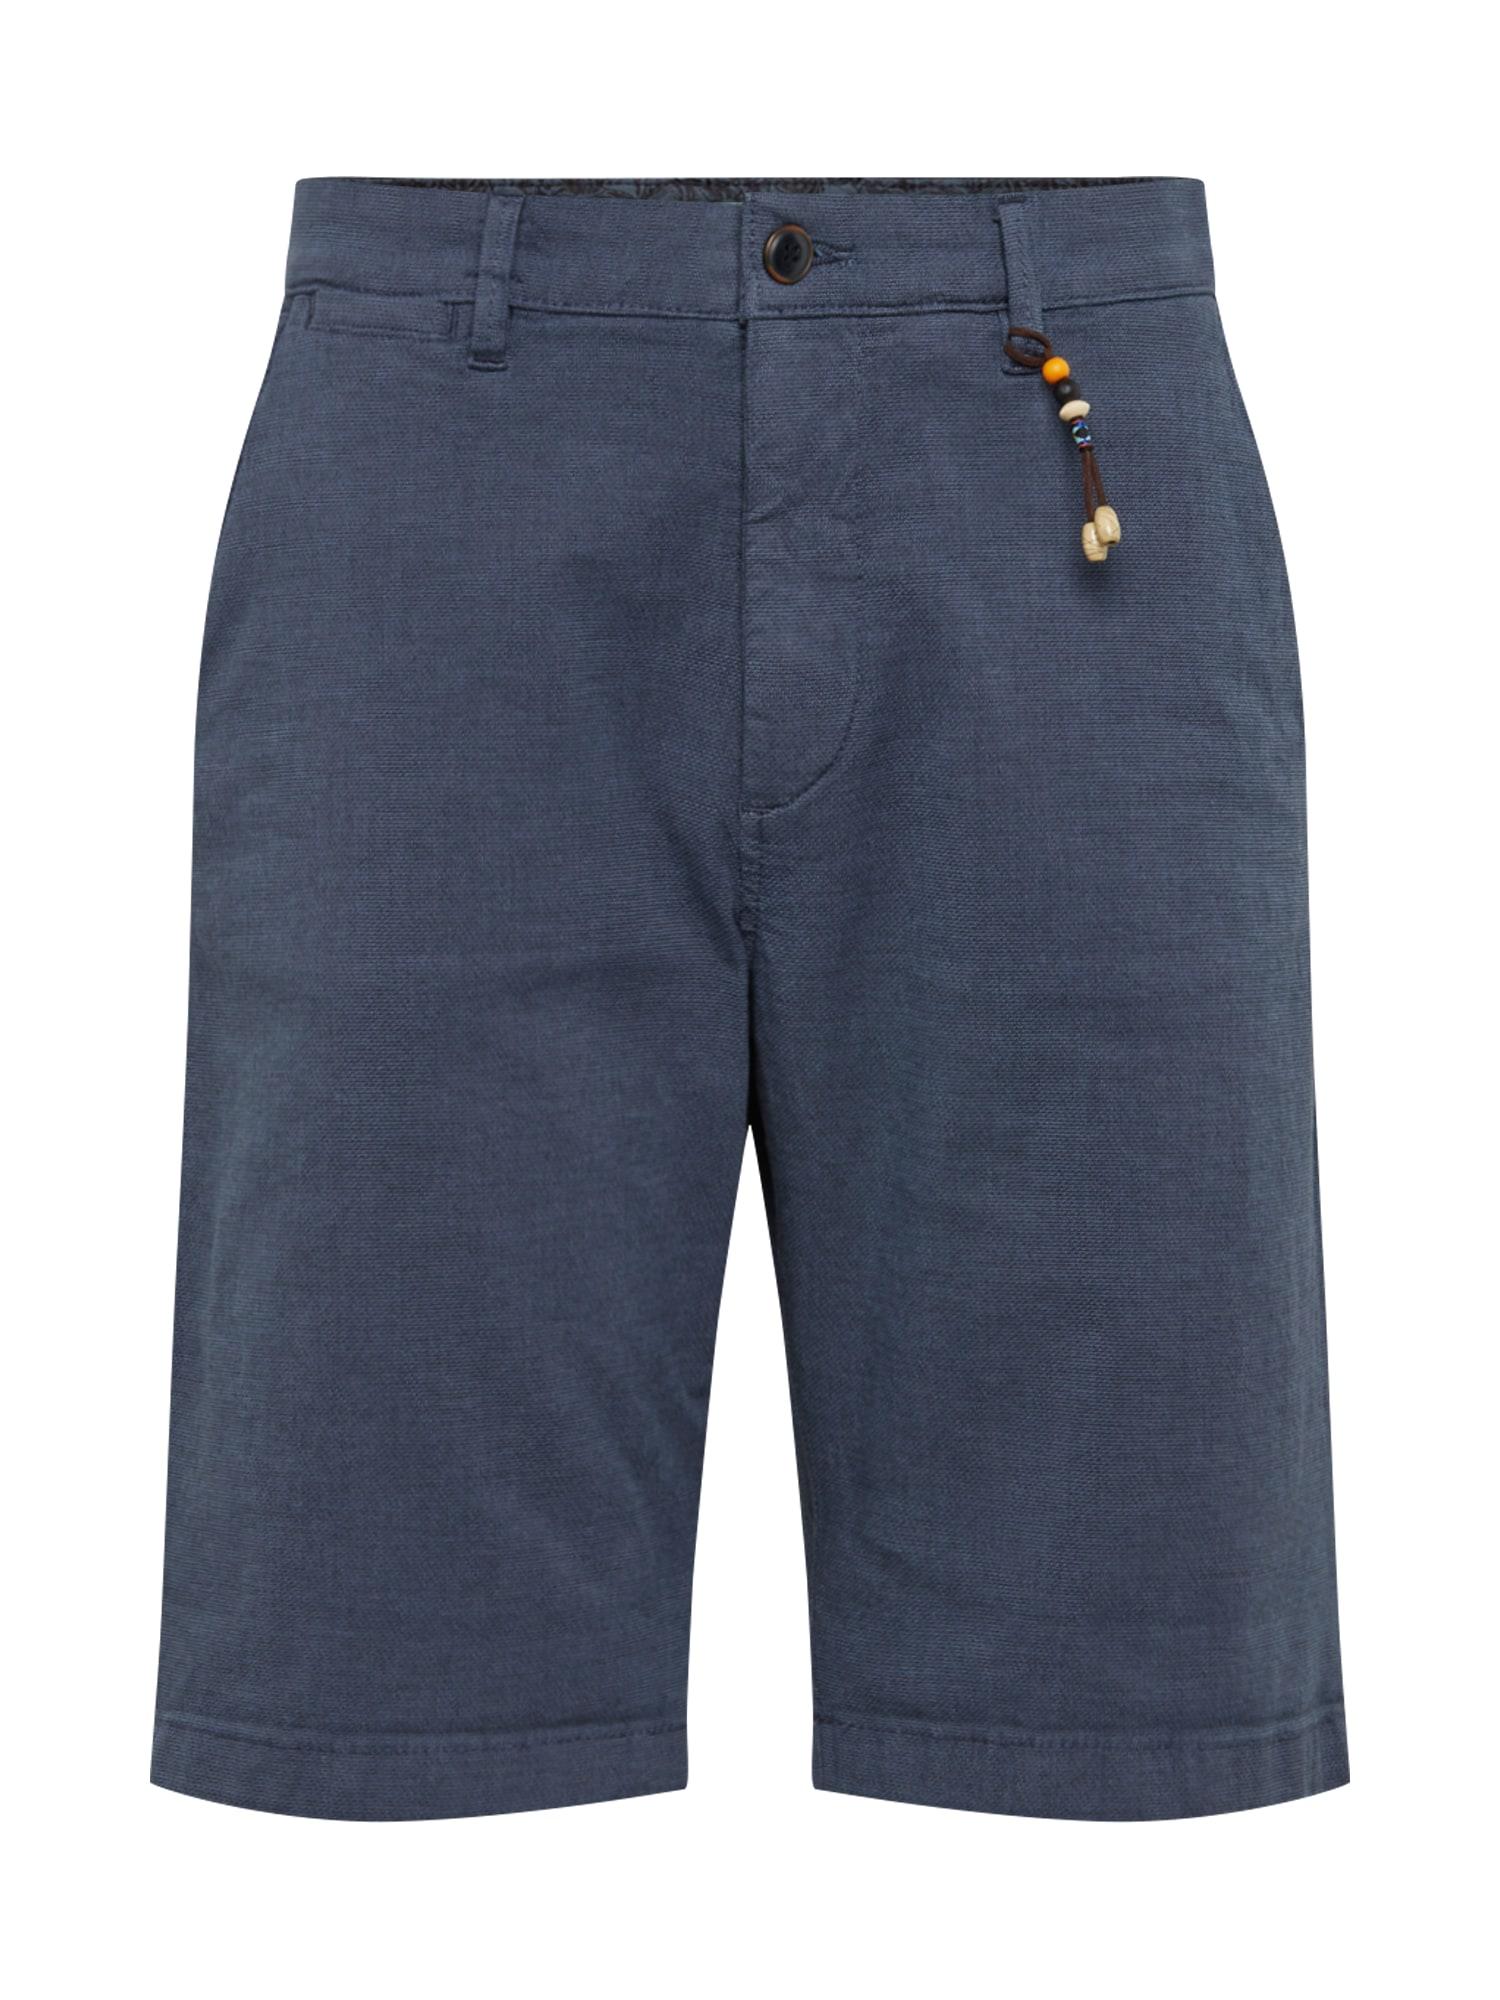 Chino kalhoty JJIKENZO JJCHINO SHORTS AKM 432 indigo JACK & JONES